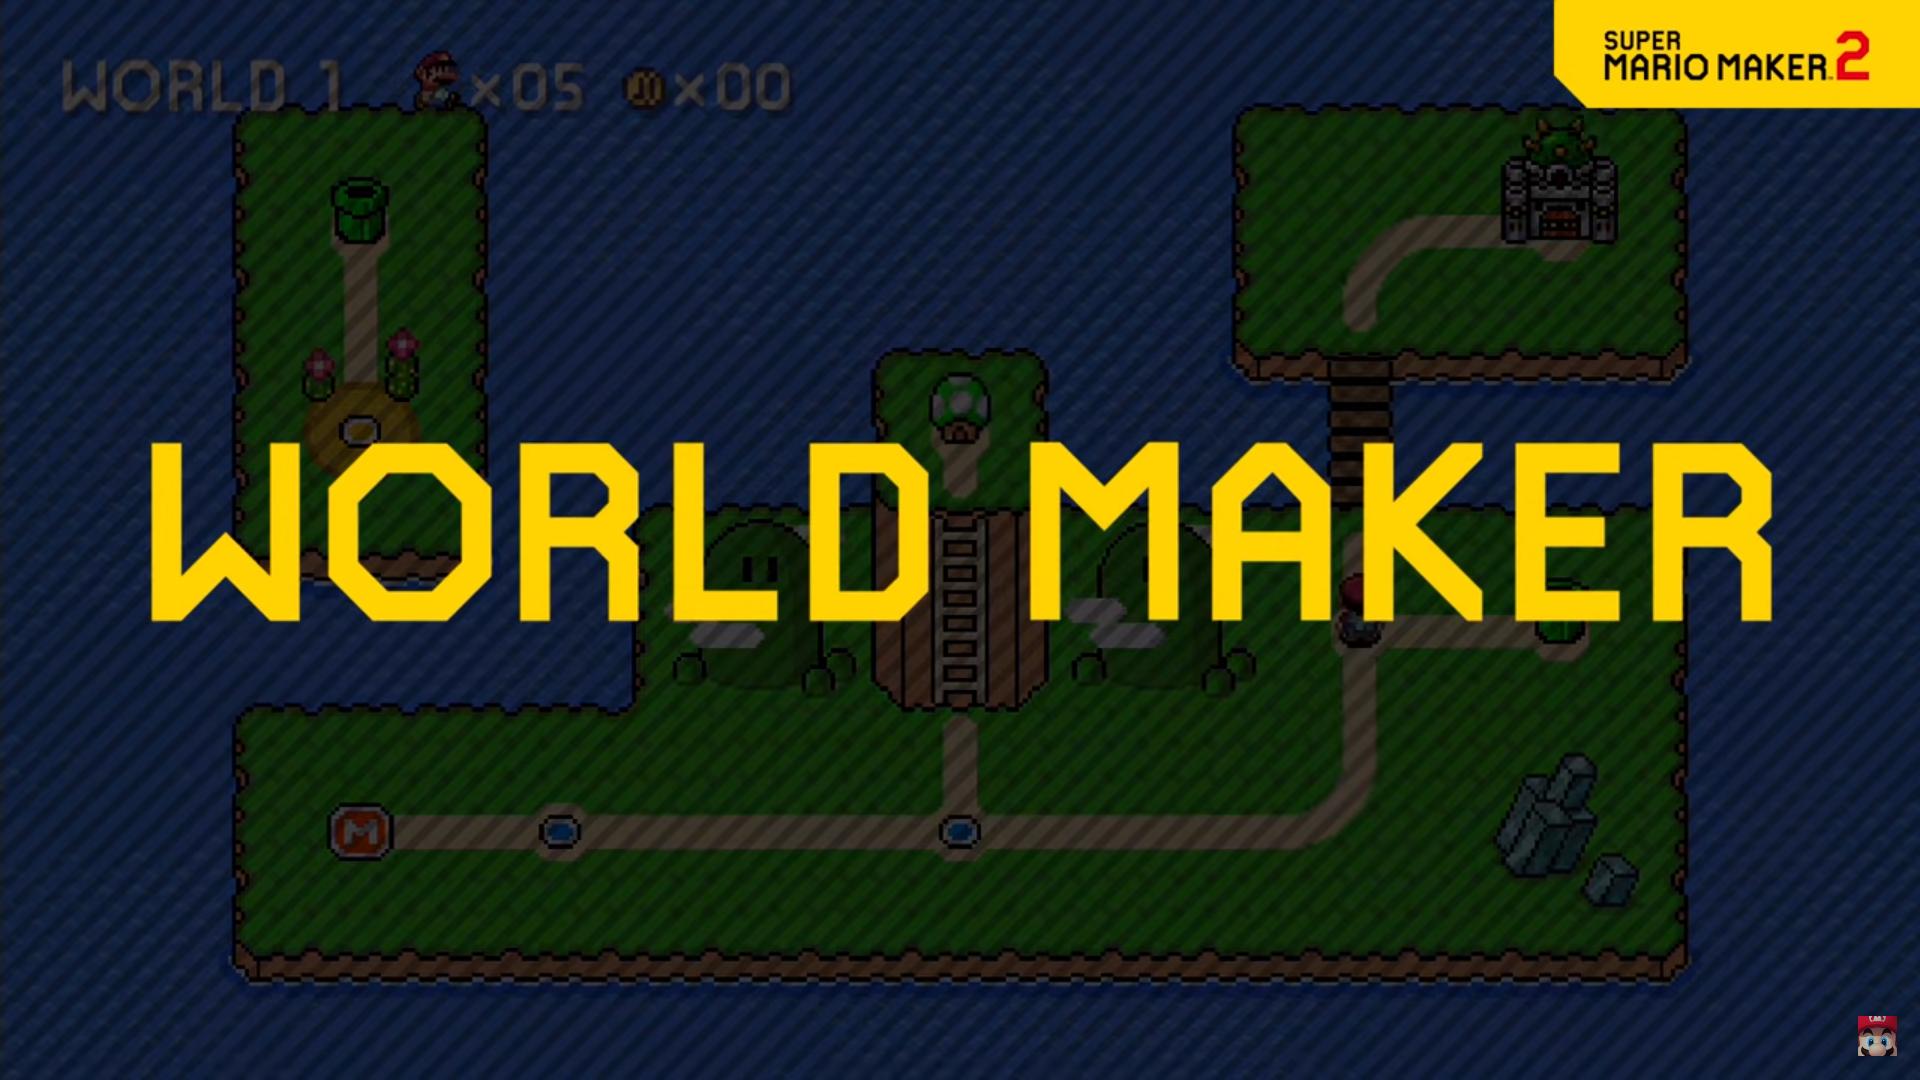 World Maker Super Mario Maker 2